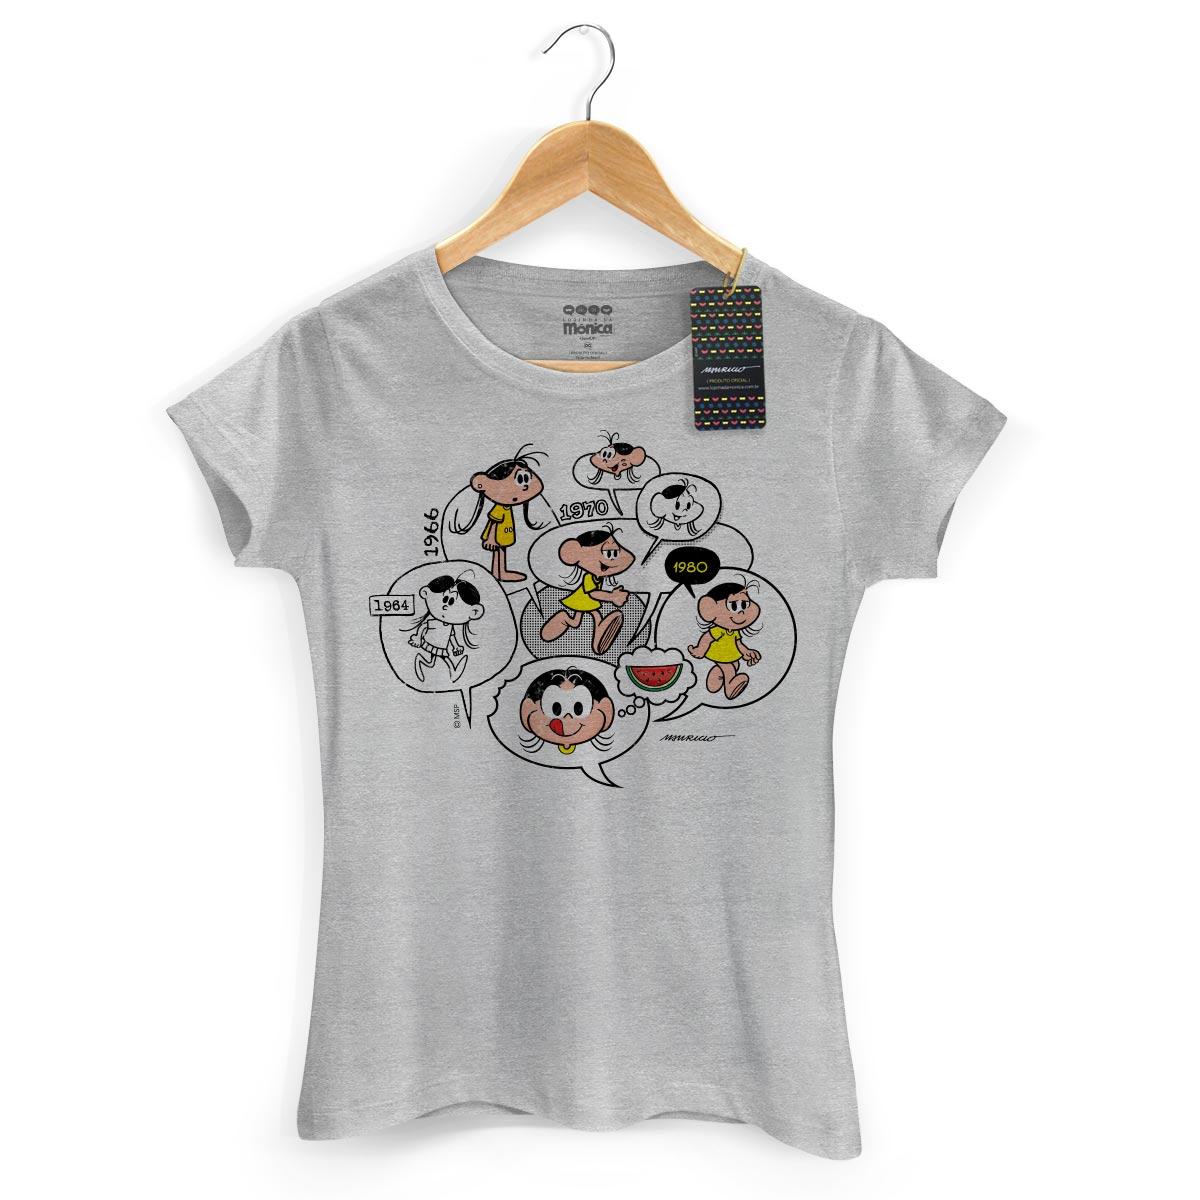 Camiseta Feminina Magali 50 Anos Since 1964